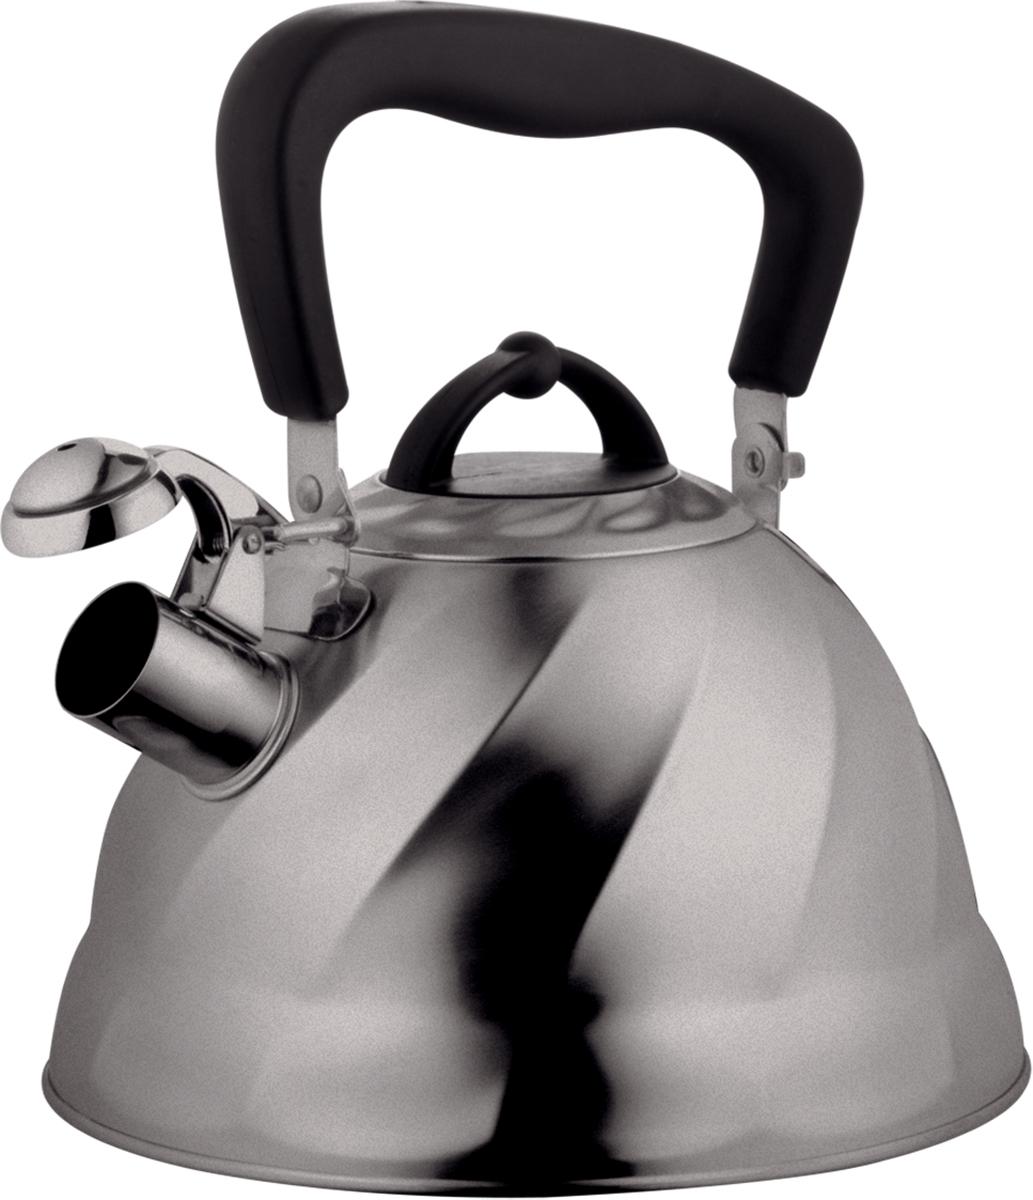 Чайник Marta, со свистком, цвет: стальной, матовый, 3 л. MT-304468/5/4Чайник Marta выполнен из высококачественной нержавеющей стали с матовой полировкой и оснащен ненагревающейся складной ручкой с силиконовым покрытием. Теплоемкое трехслойное капсульное дно обеспечивает быстрый нагрев чайника и равномерно распределяет тепло по его корпусу. Кипячение воды занимает меньше времени, а вода дольше остается горячей. Свисток на носике чайника - привычный элемент комфорта и безопасности. Своевременный сигнал о готовности кипятка сэкономит время и электроэнергию, вода никогда не выкипит полностью, а чайник прослужит очень долго. Оригинальный механизм поднятия свистка добавляет чайнику индивидуальности - при поднятии чайника за ручку свисток автоматически открывает носик для удобства наливания кипятка в чашку. Чайник подходит для всех видов плит, кроме индукционных.